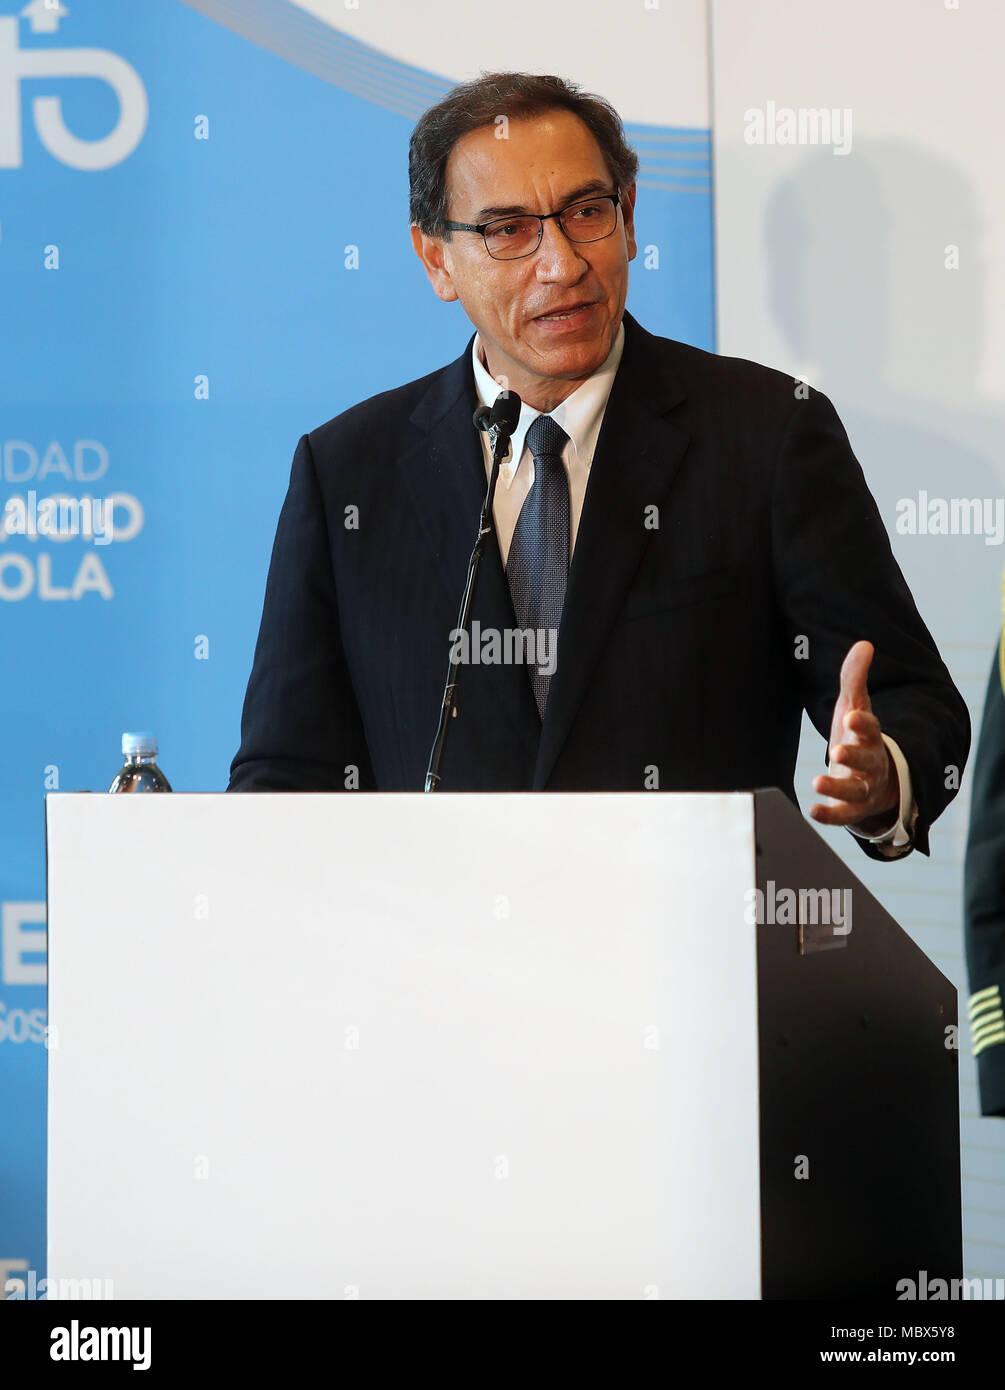 Peruanische Präsident Martin Vizcarra (L) nimmt Teil am Forum der Jugend, als Teil der Gipfel der Amerikas in Lima, Peru, 11. April 2018. EFE/Ernesto Arias Stockbild